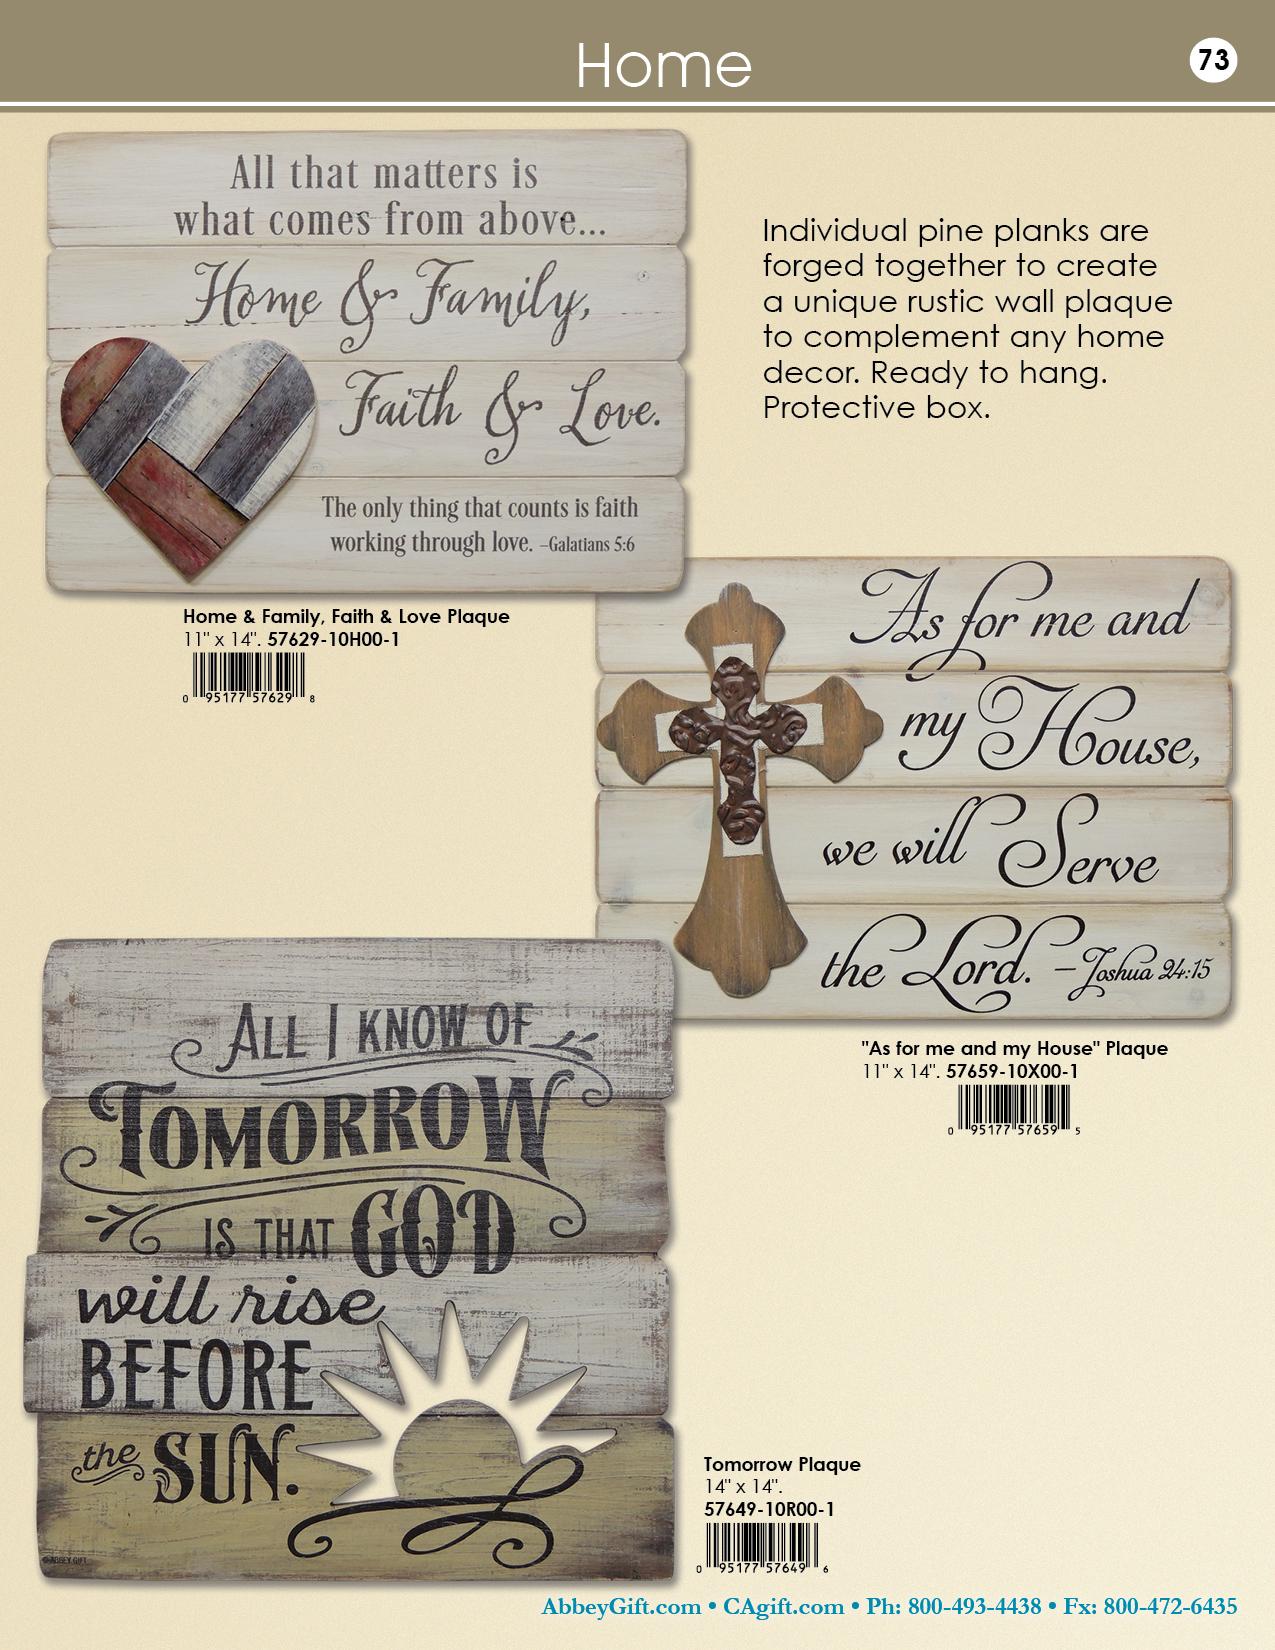 2019 Abbey CA Gift Catalog 73